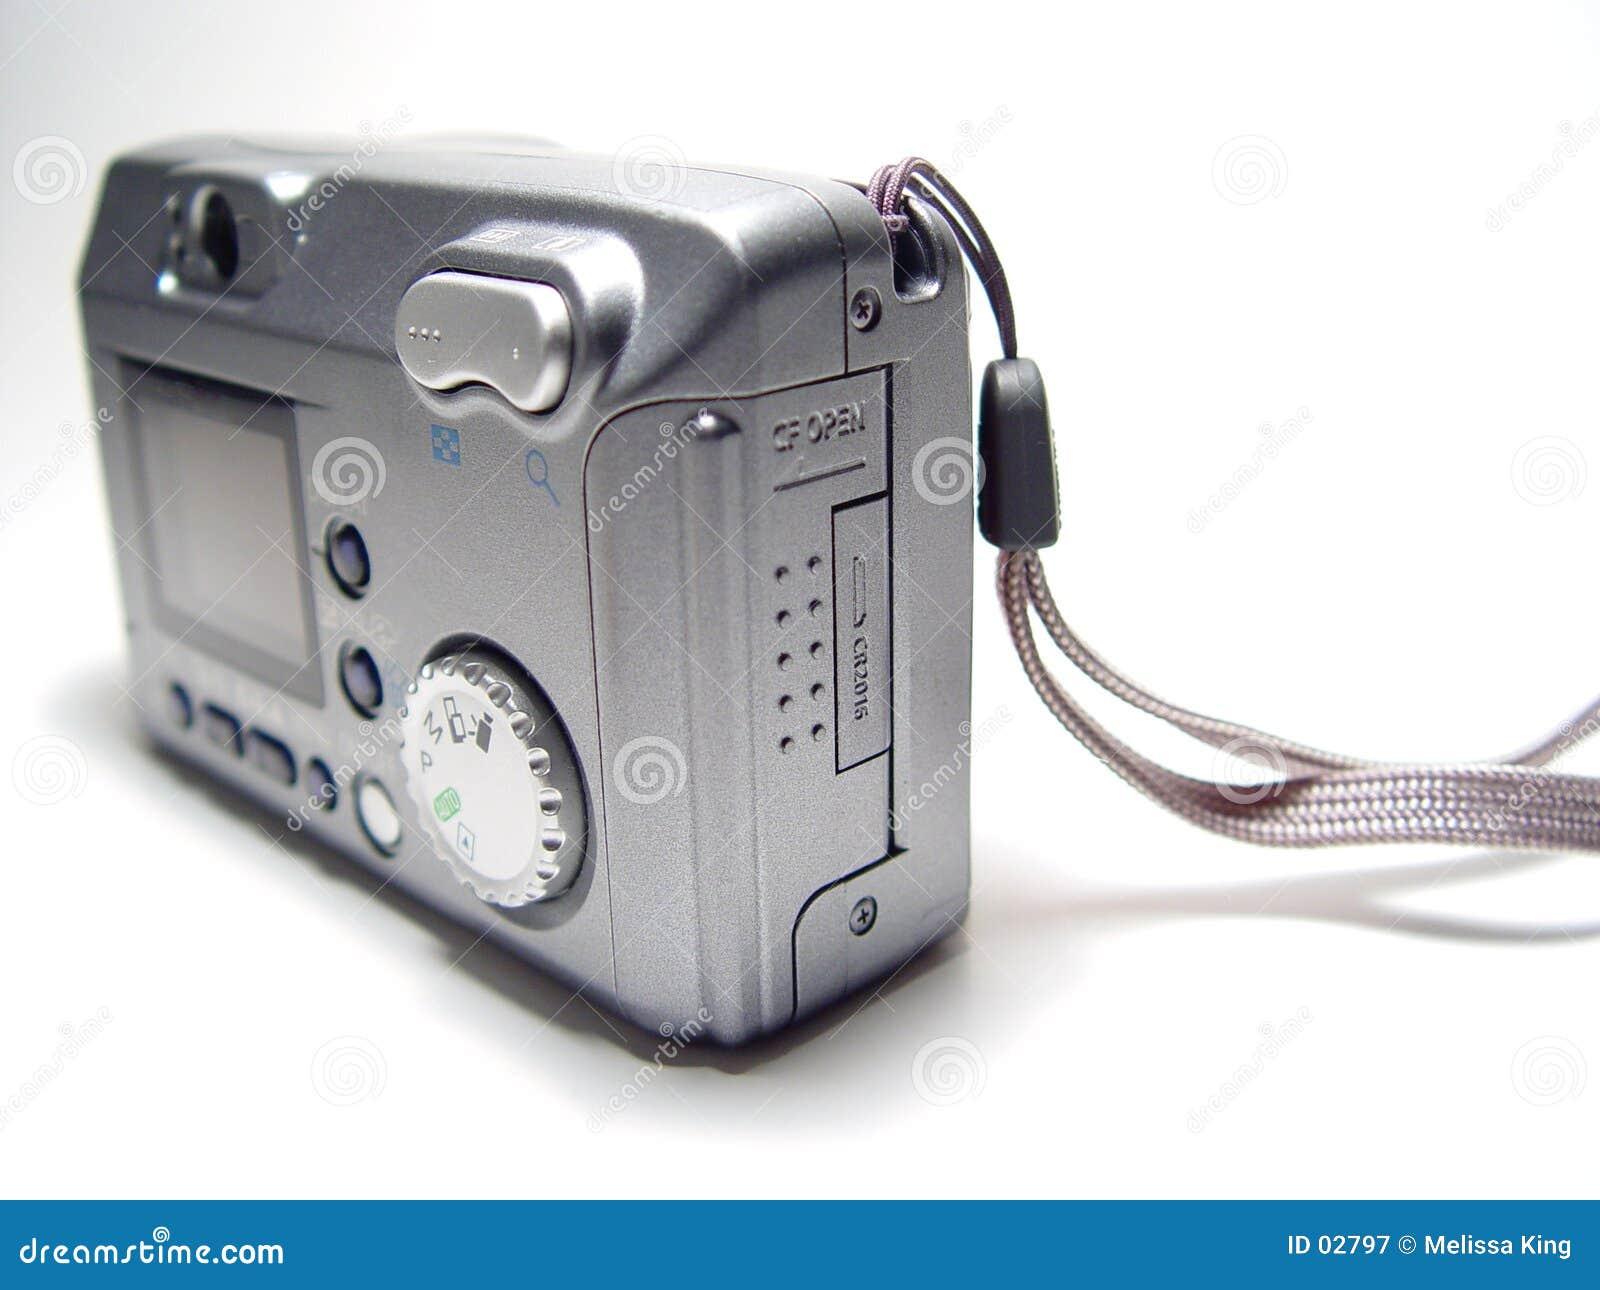 Digitalkamera - voll - Ansicht